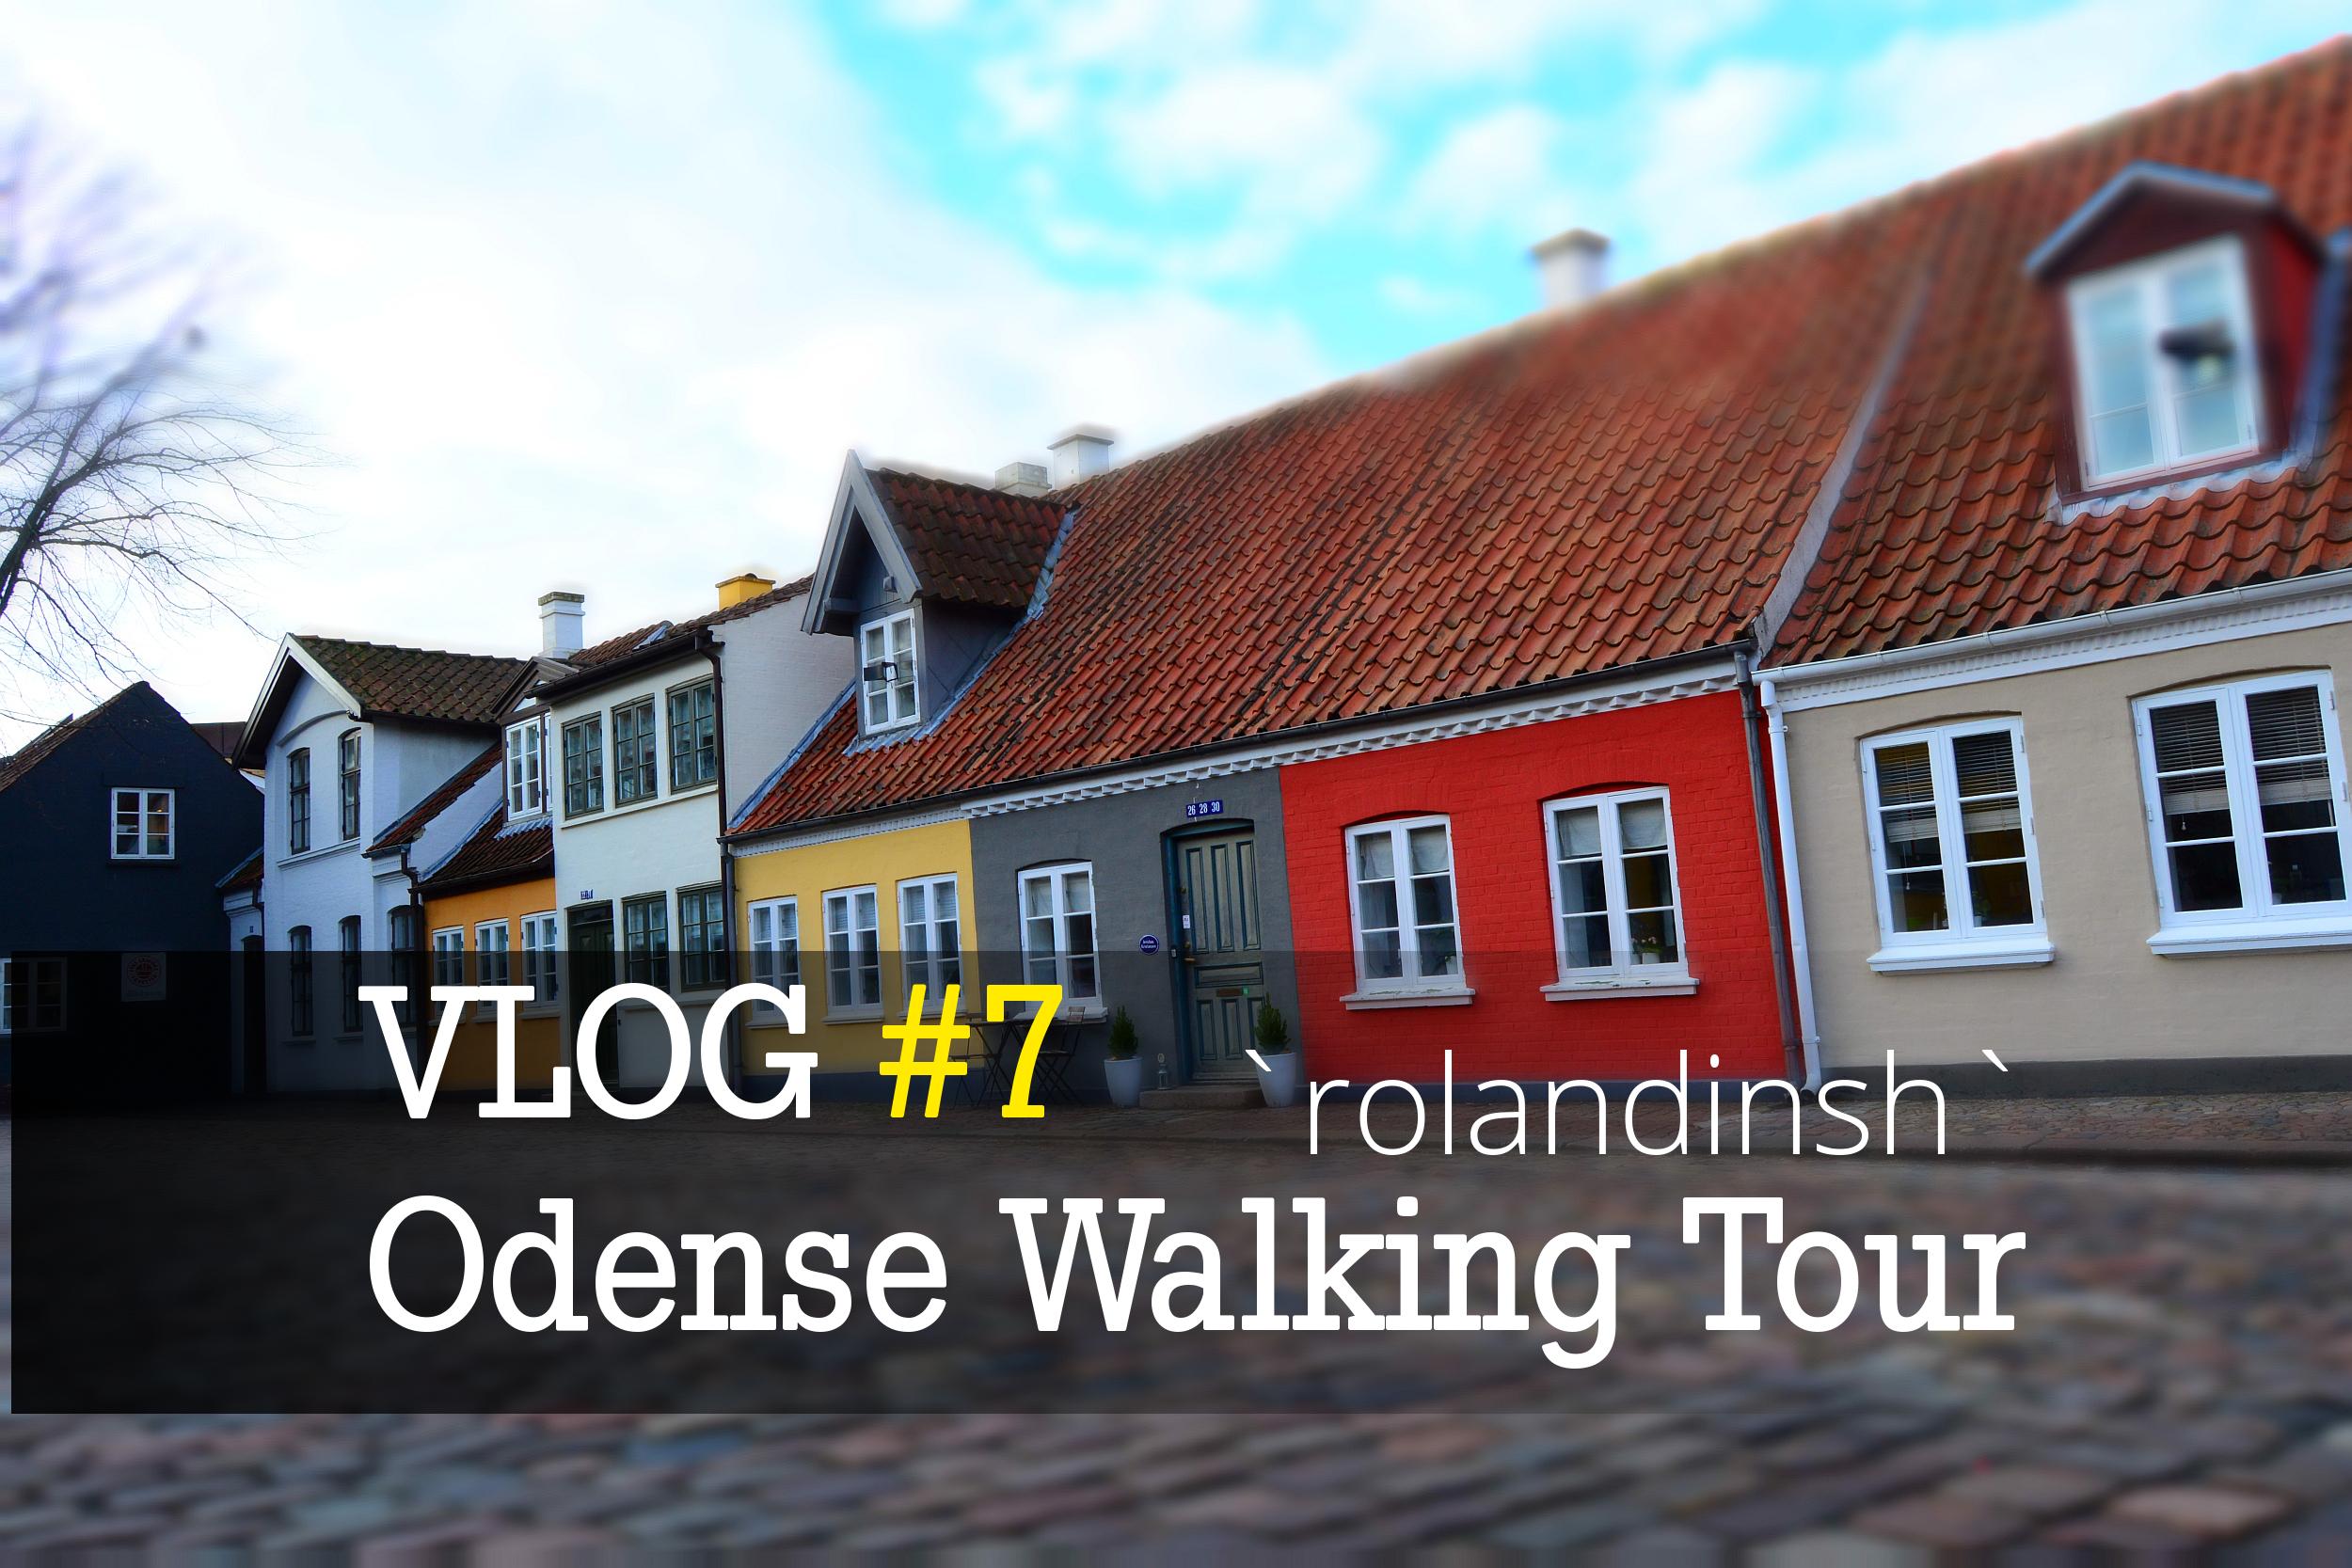 vlog #7 - ESN Odense wakling